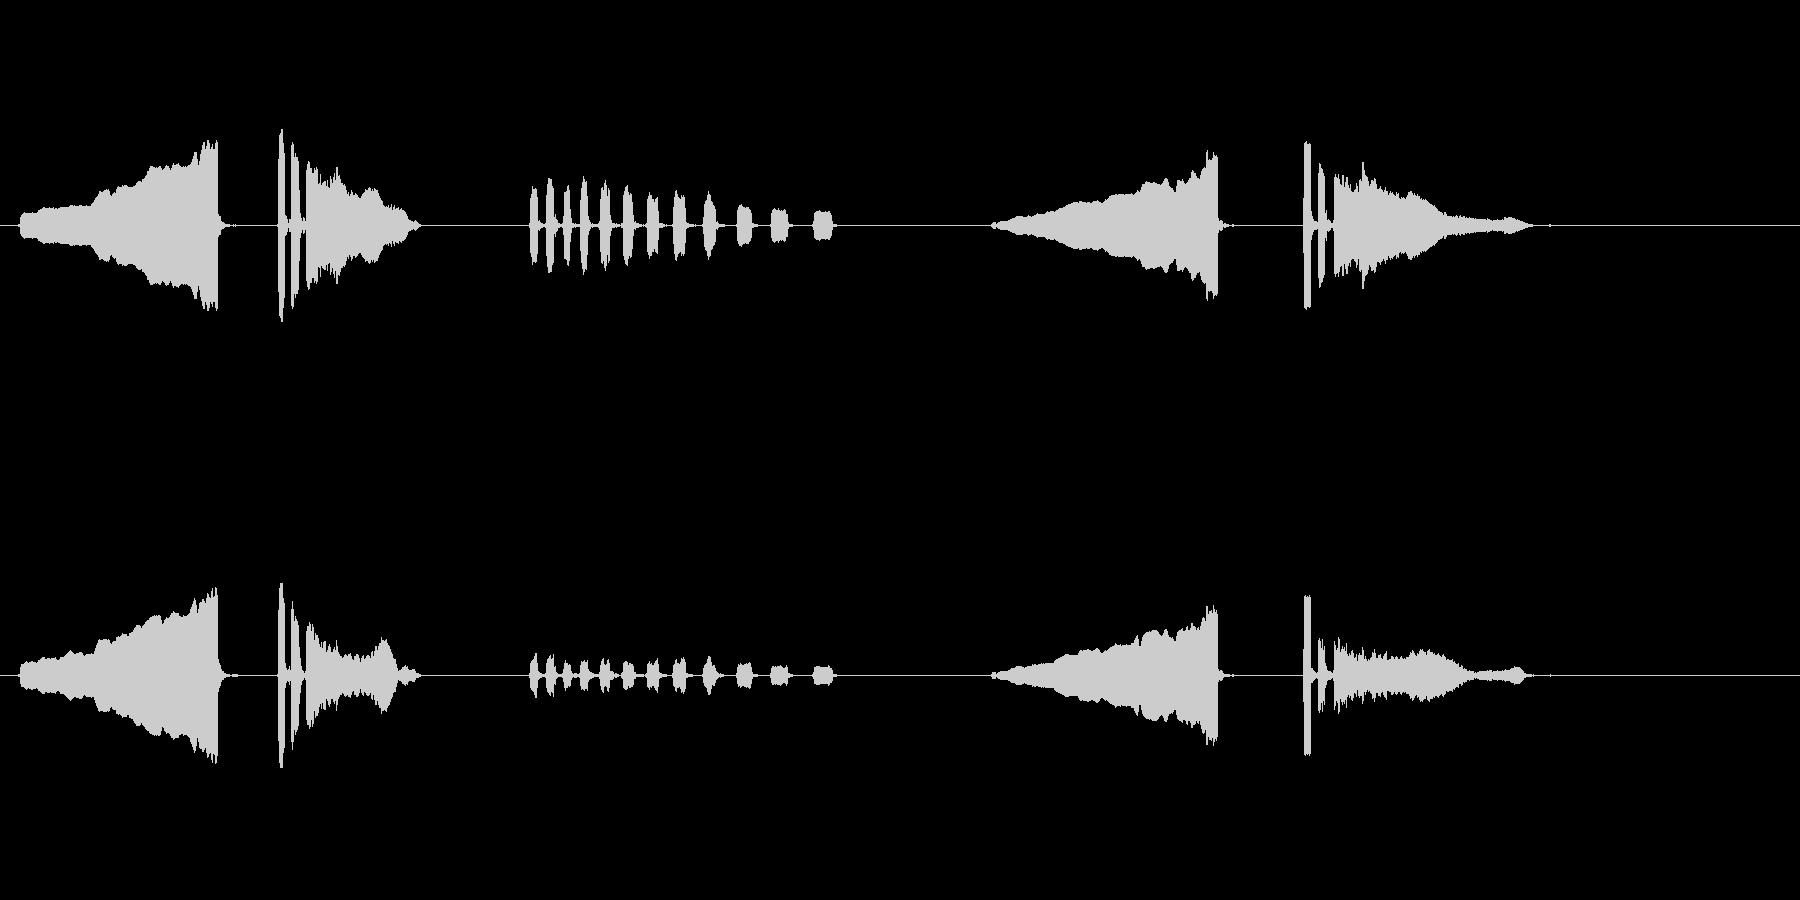 うぐいす笛2梅に鶯春鳴き声初音ホーホケキの未再生の波形